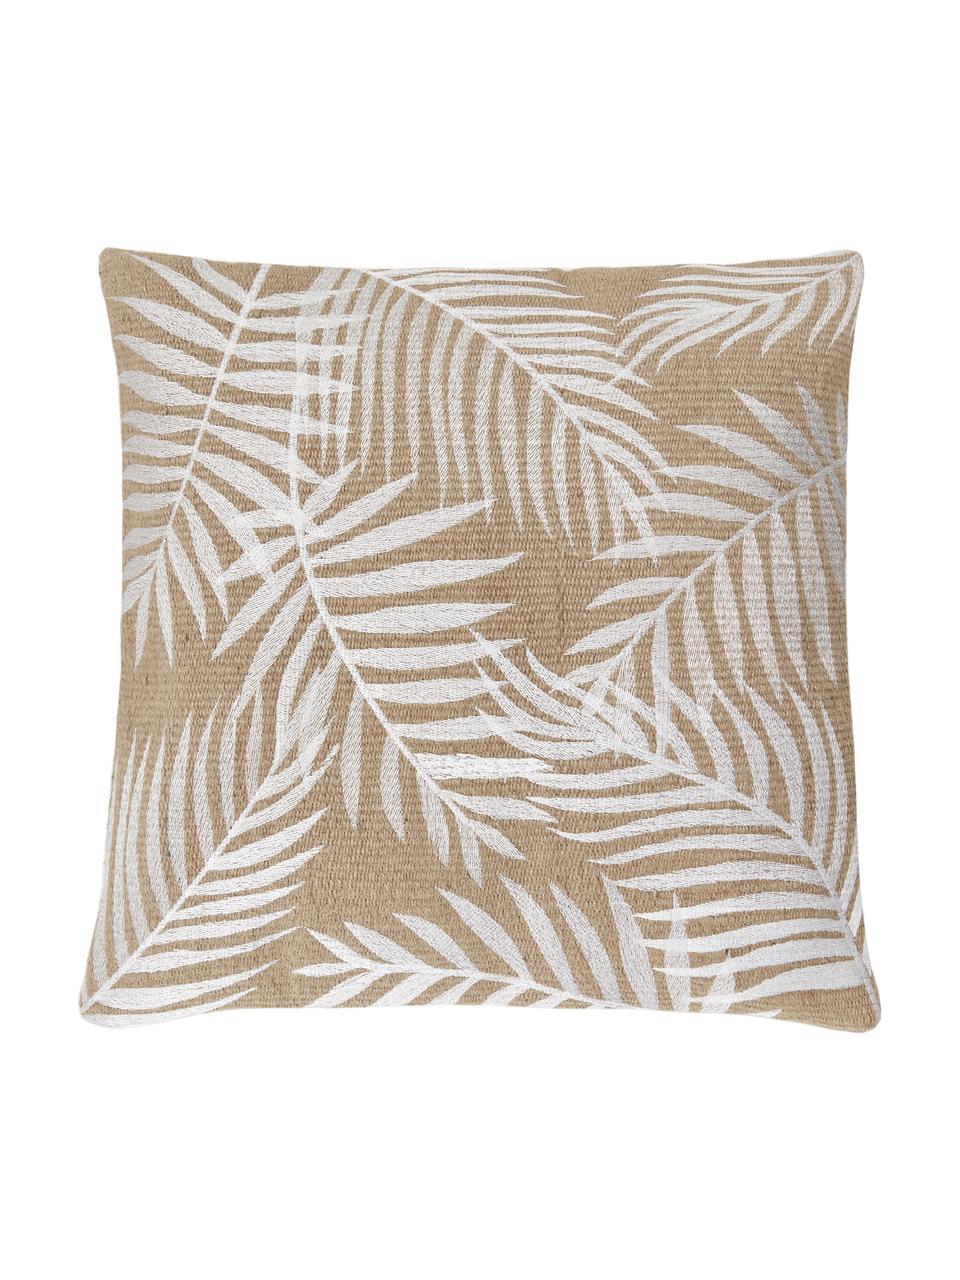 Poszewka na poduszkę z juty Danielle, Beżowy, biały, S 40 x D 40 cm